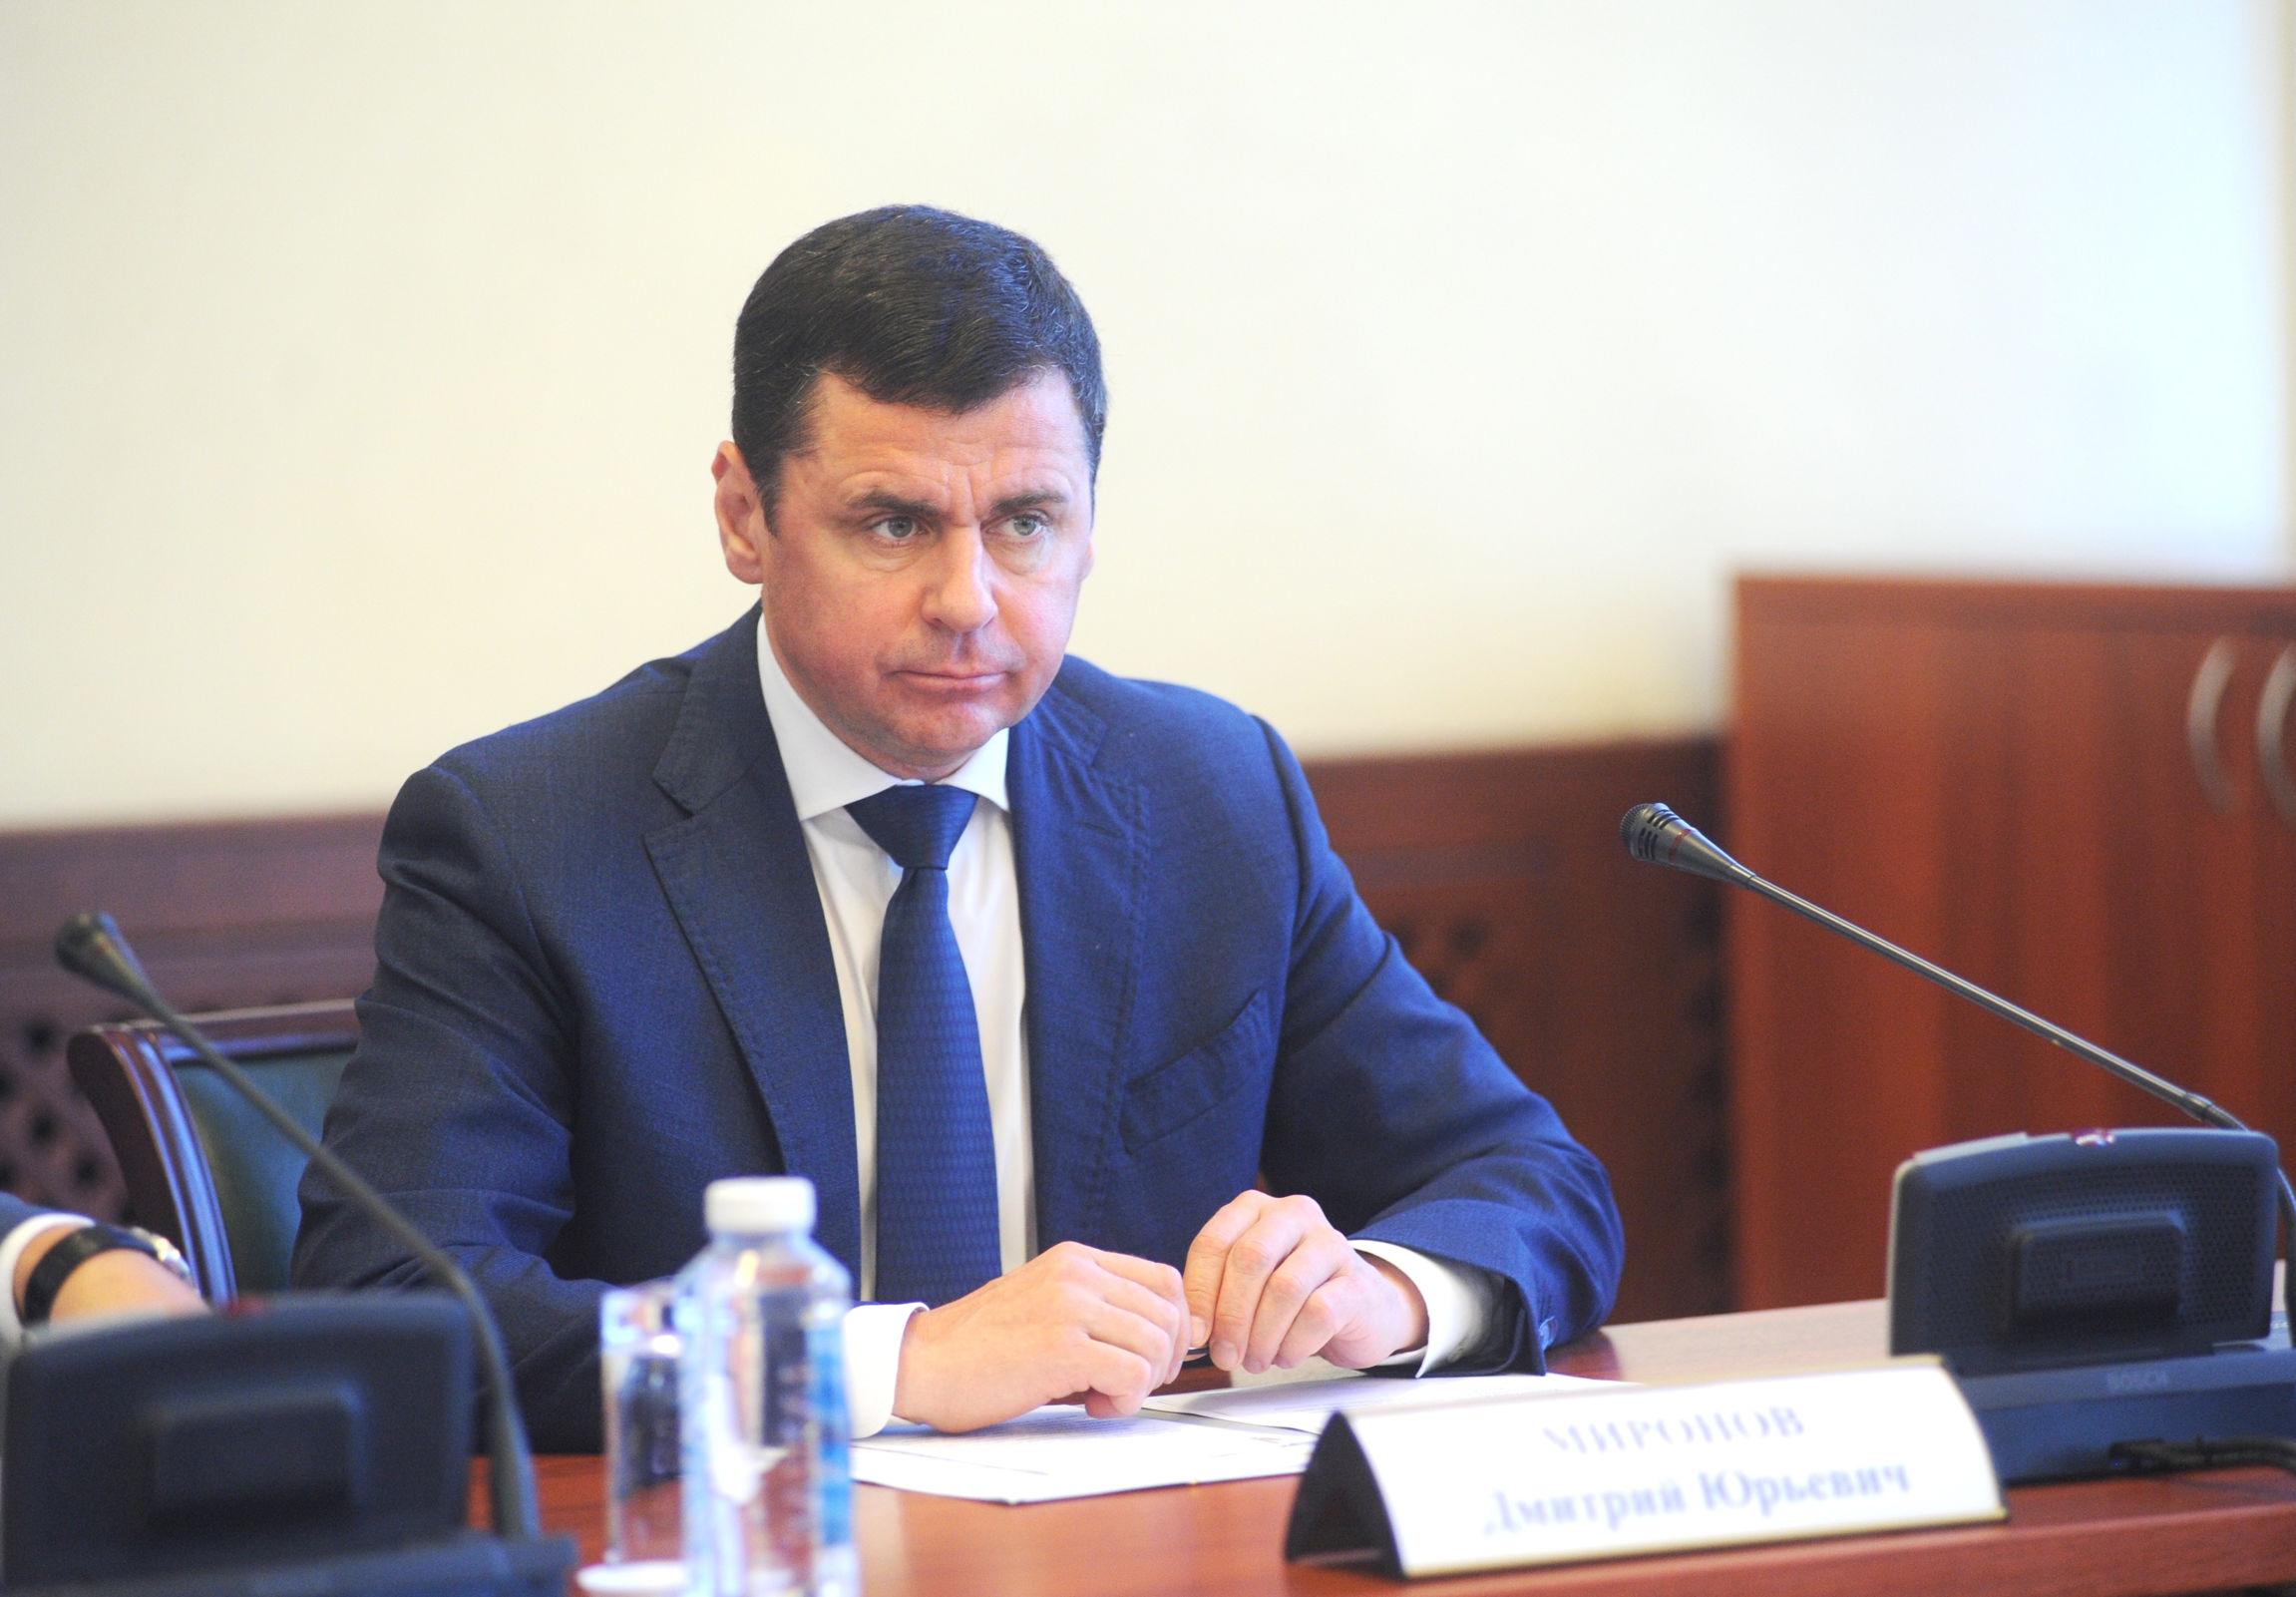 Дмитрий Миронов: продление программы туристического кешбэка позволит сделать более доступным оздоровительный туризм